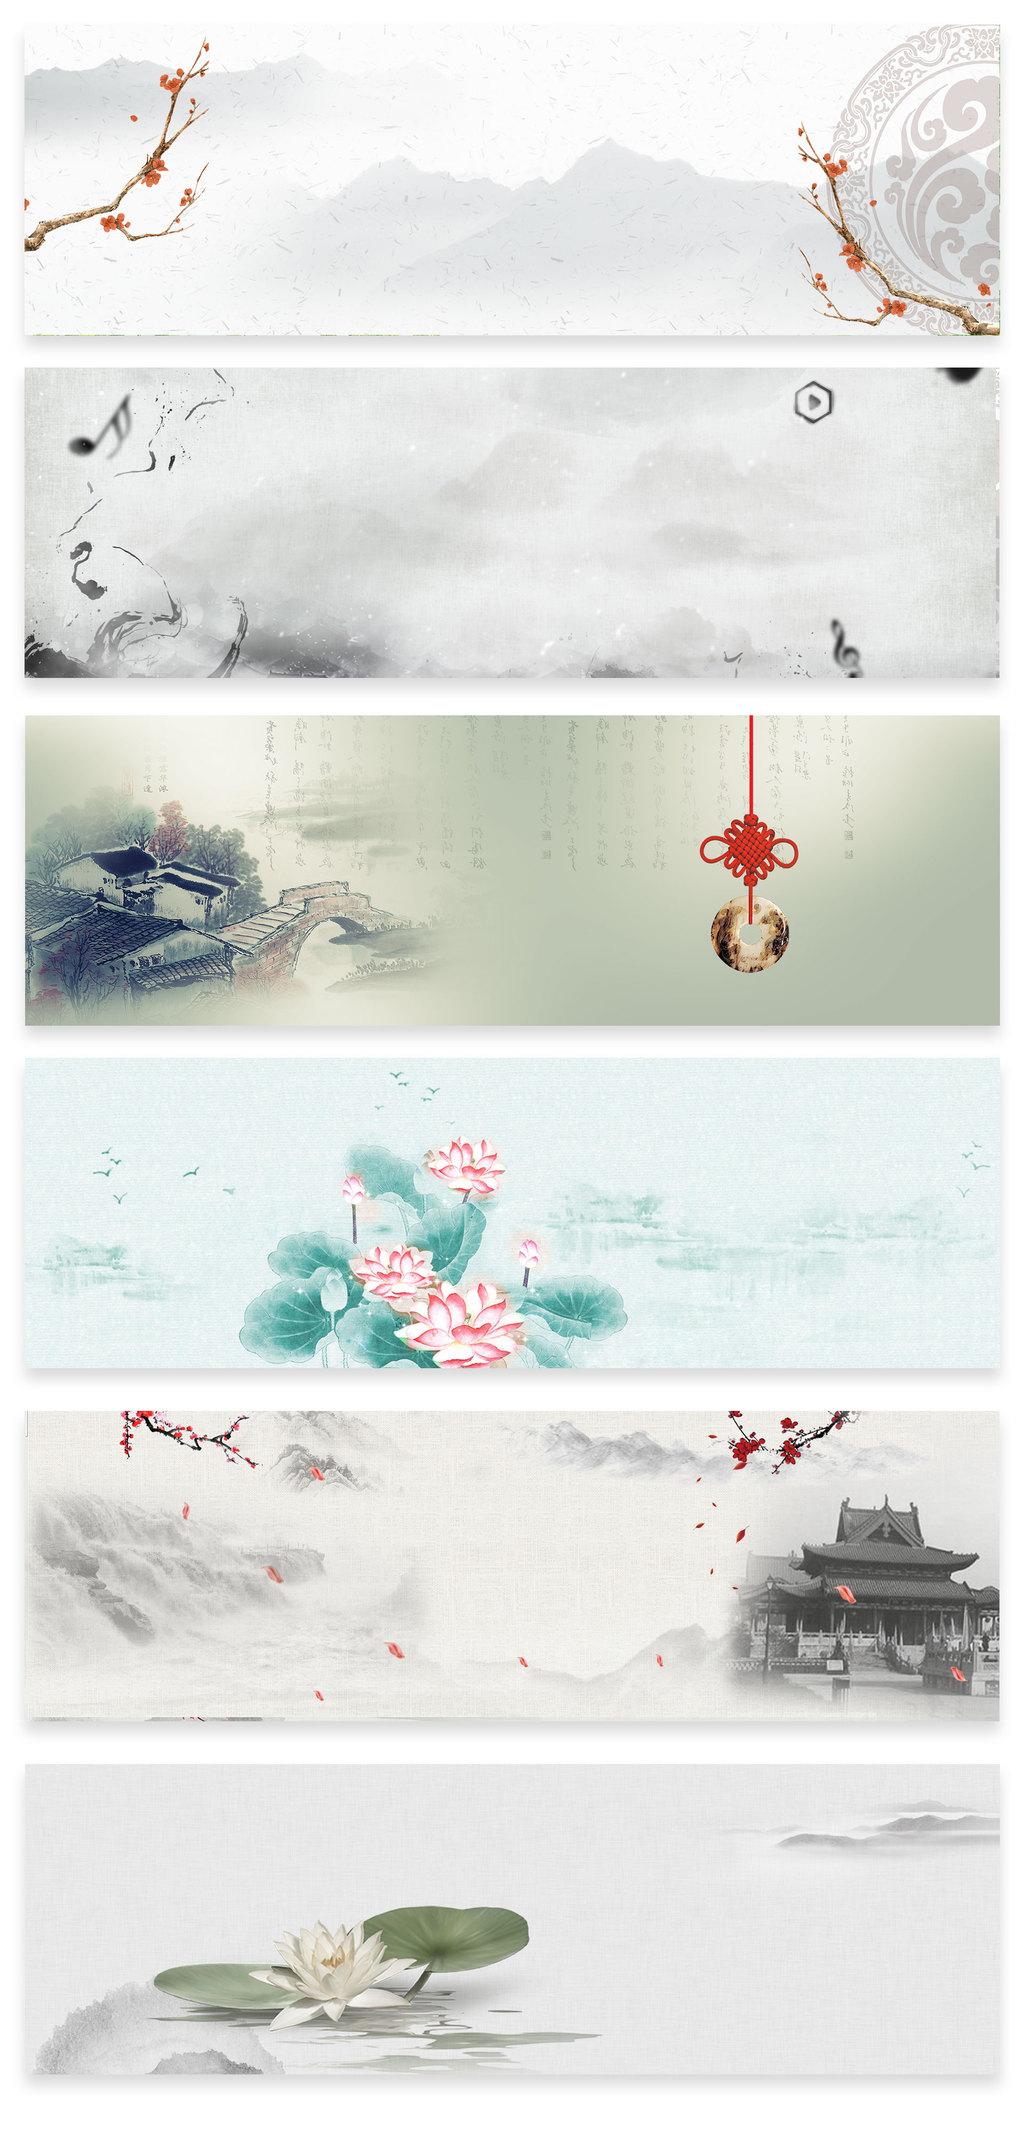 唯美水墨画海报桃花云雾背景图片设计素材_高清psd(20图片